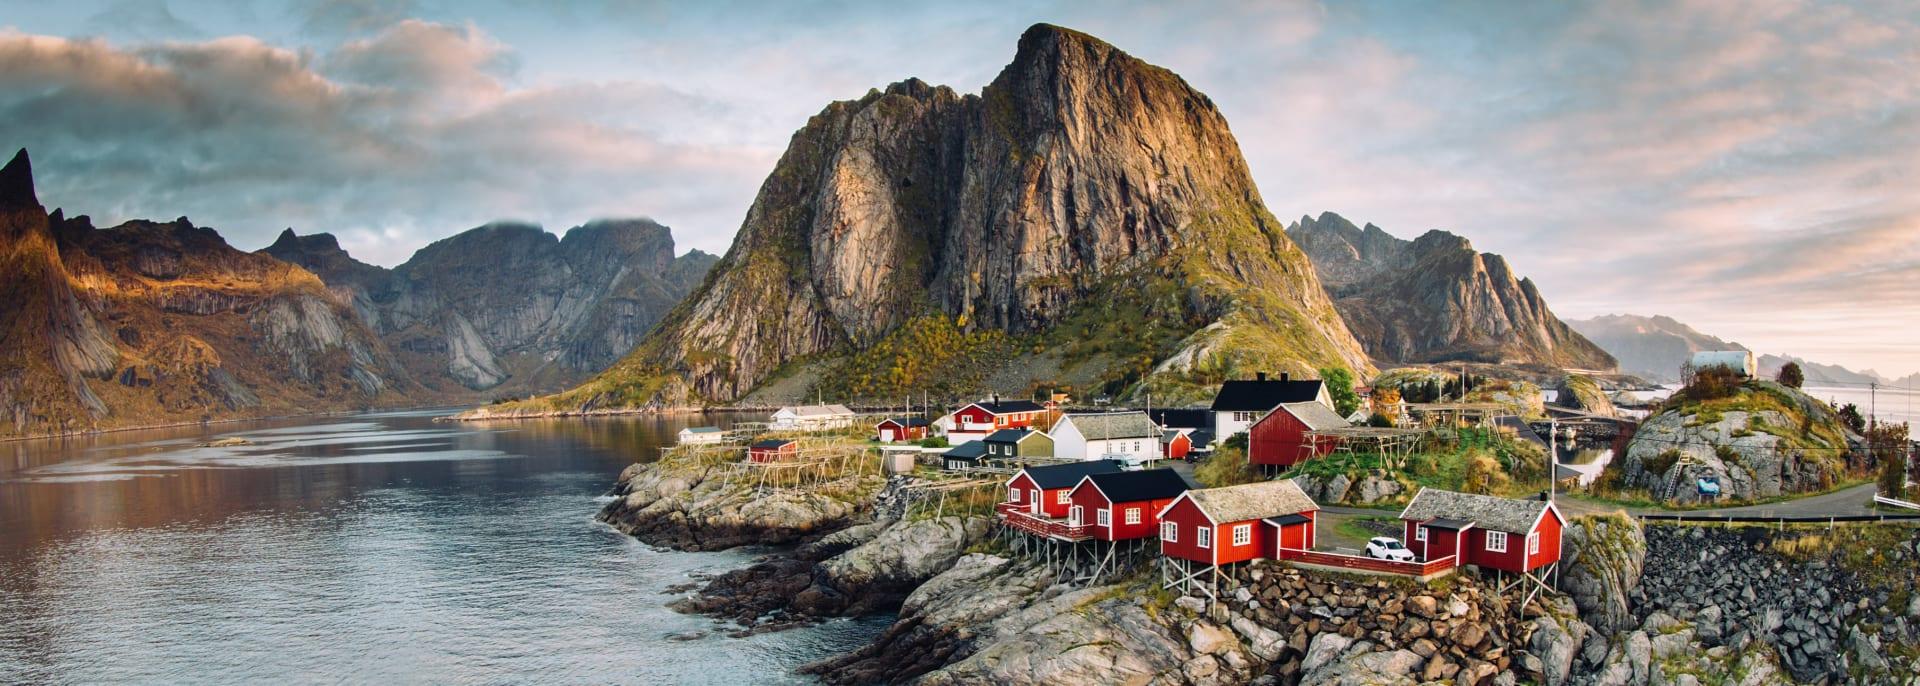 Fischer Dorf Lofoten, Norwegen